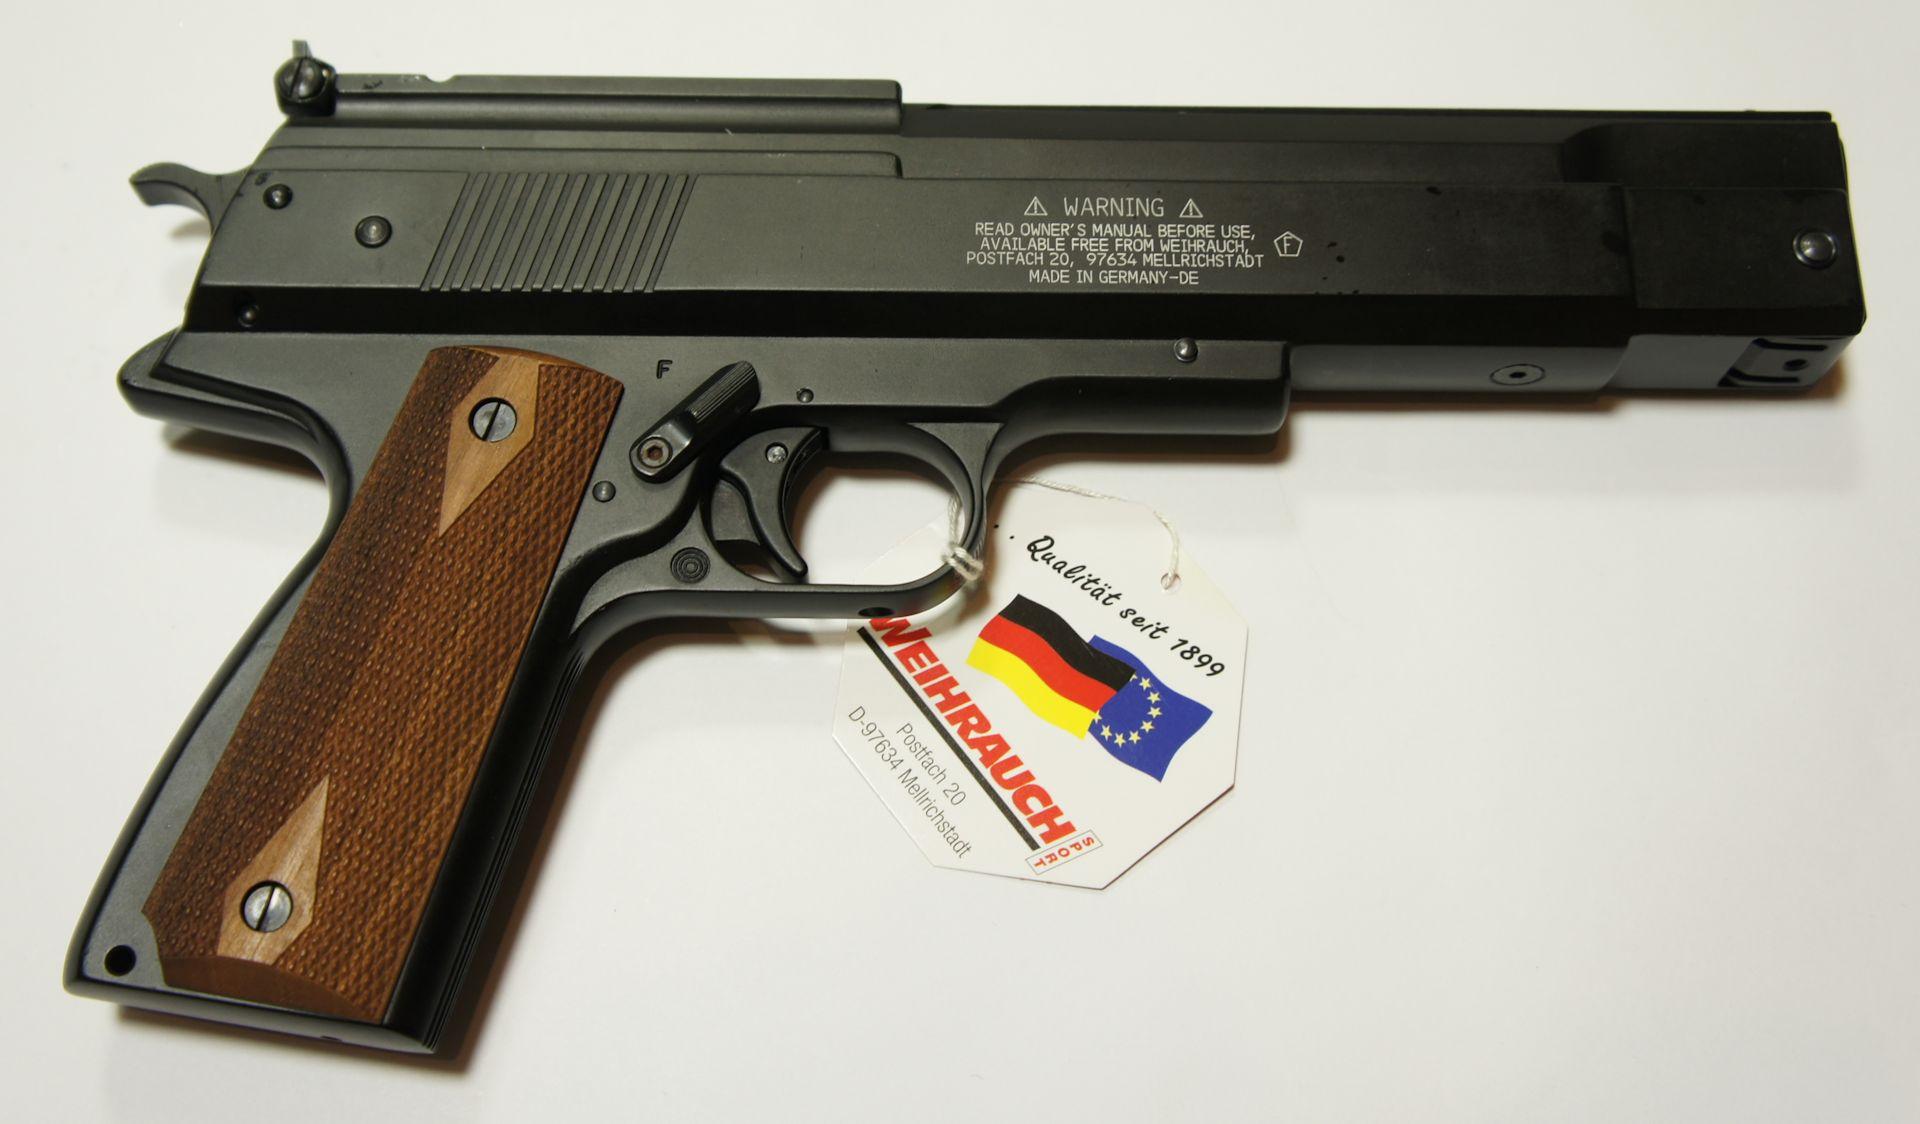 Dieses passende Futteral kann ich Ihnen für die Luftpistole hier als Zubehör anbieten.